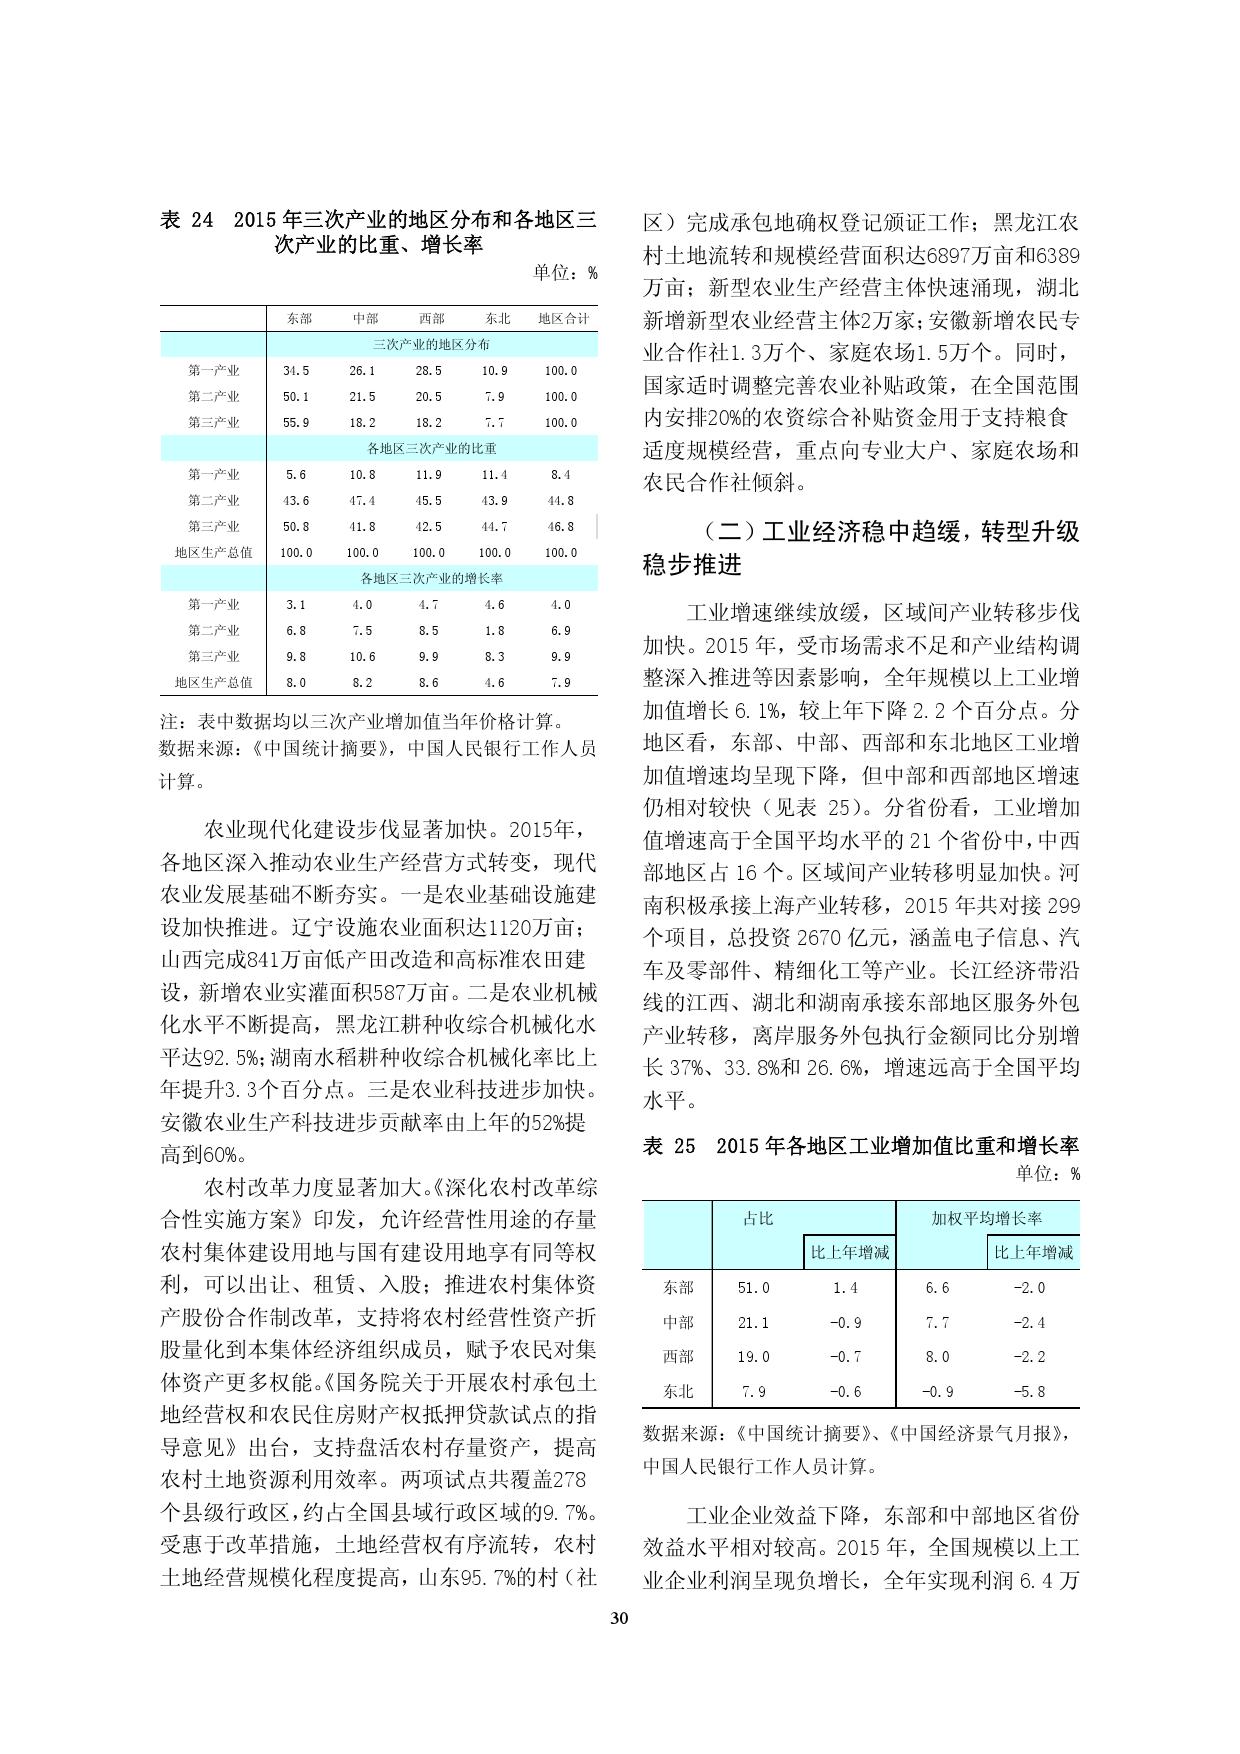 2015年中国区域金融运行报告_000033